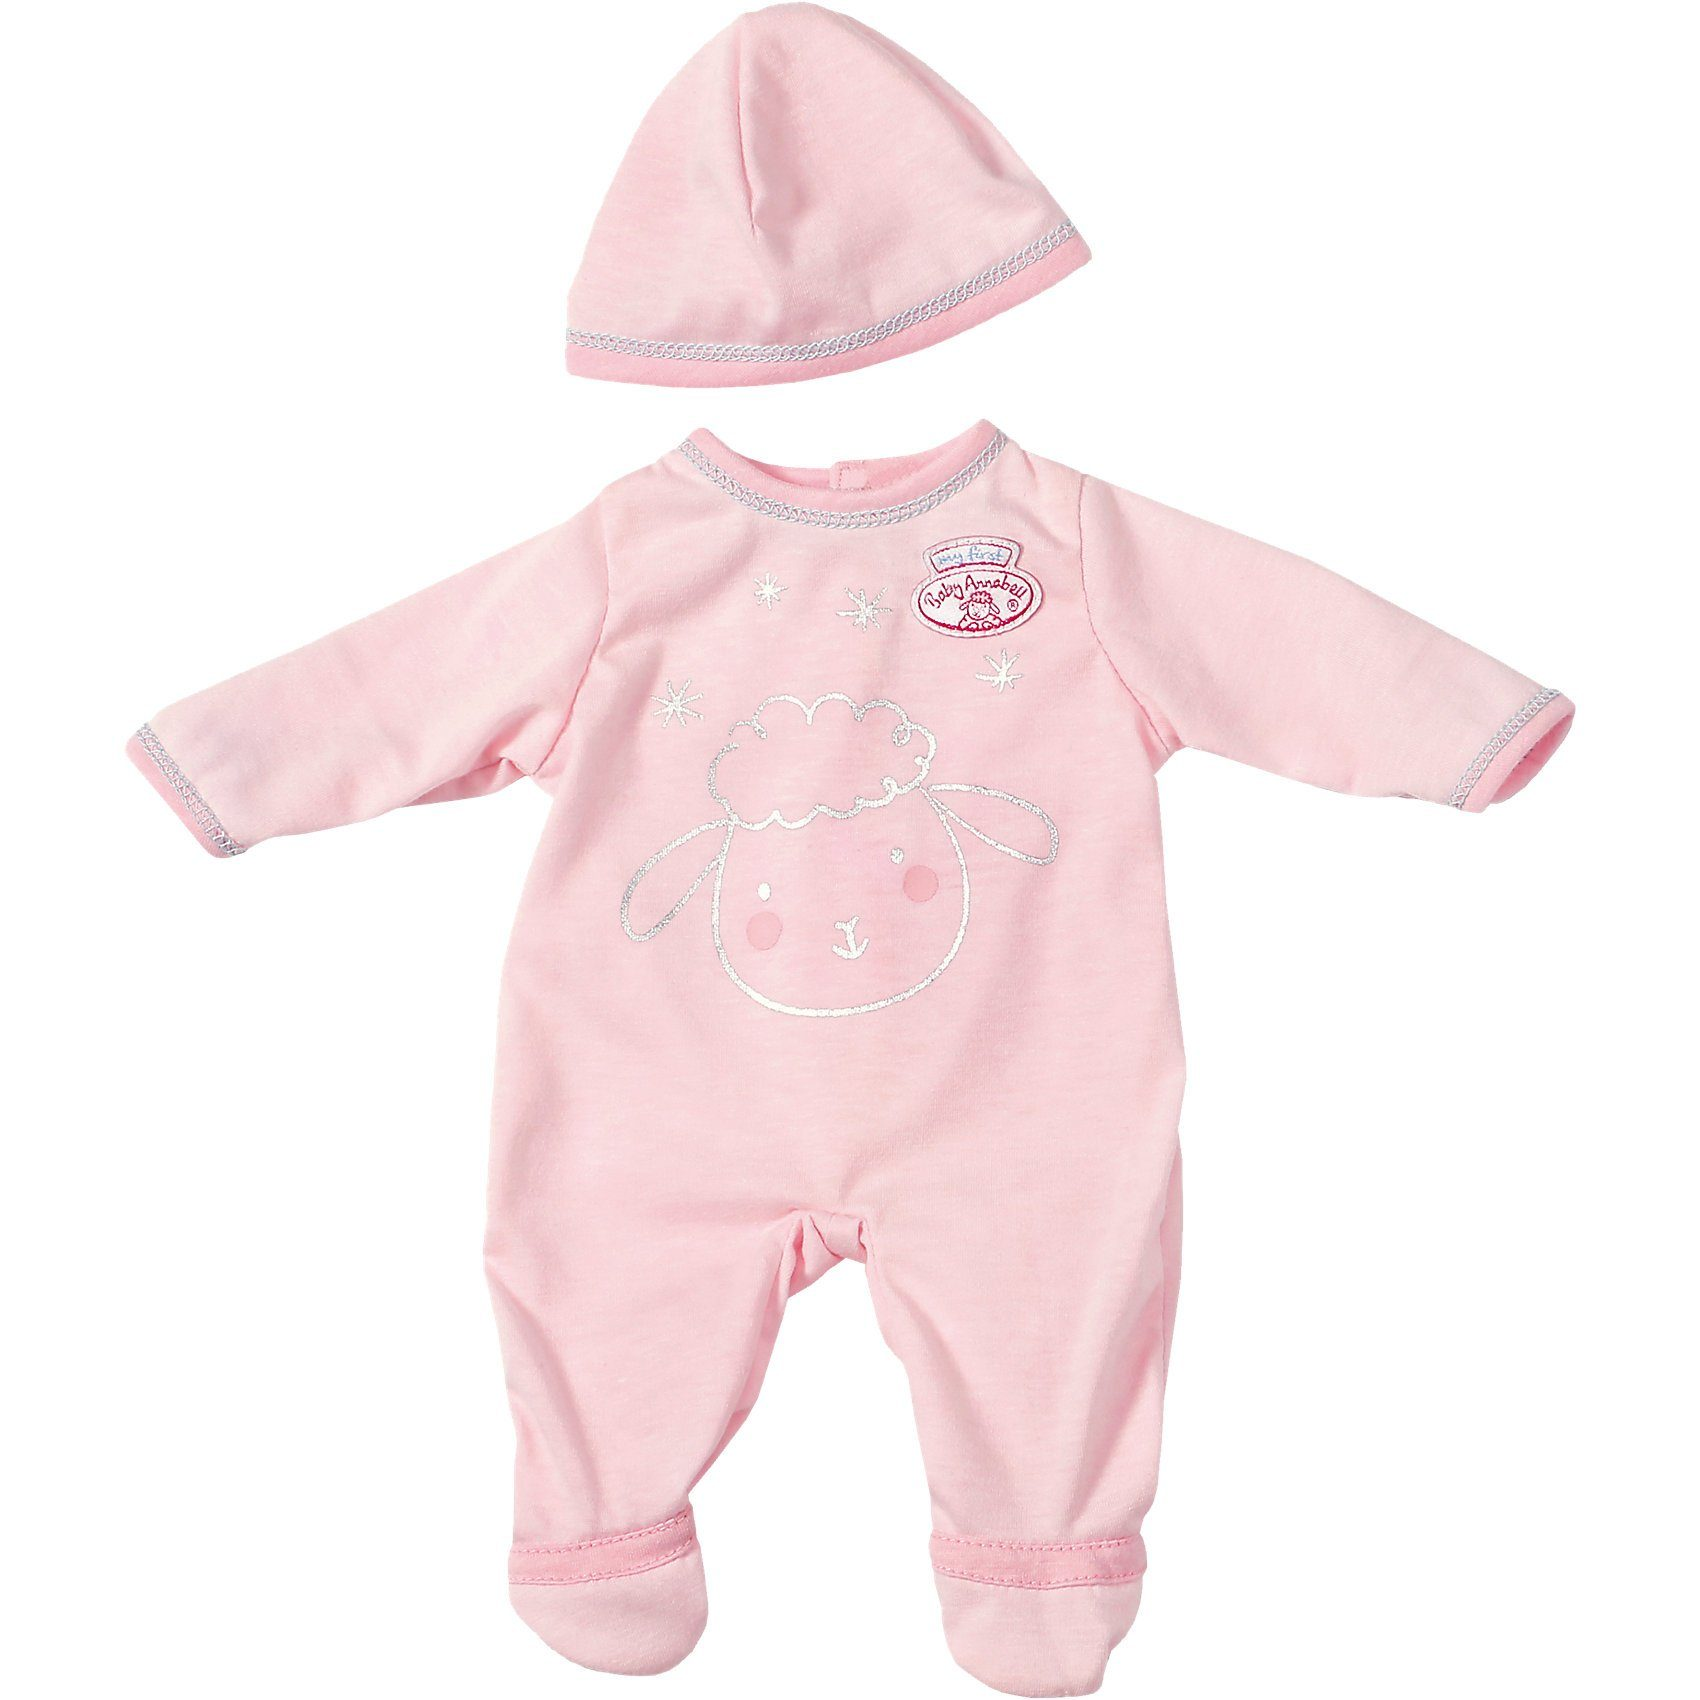 Niedliches Outfit für my first Baby Annabell Puppen & Zubehör Puppenkleidung